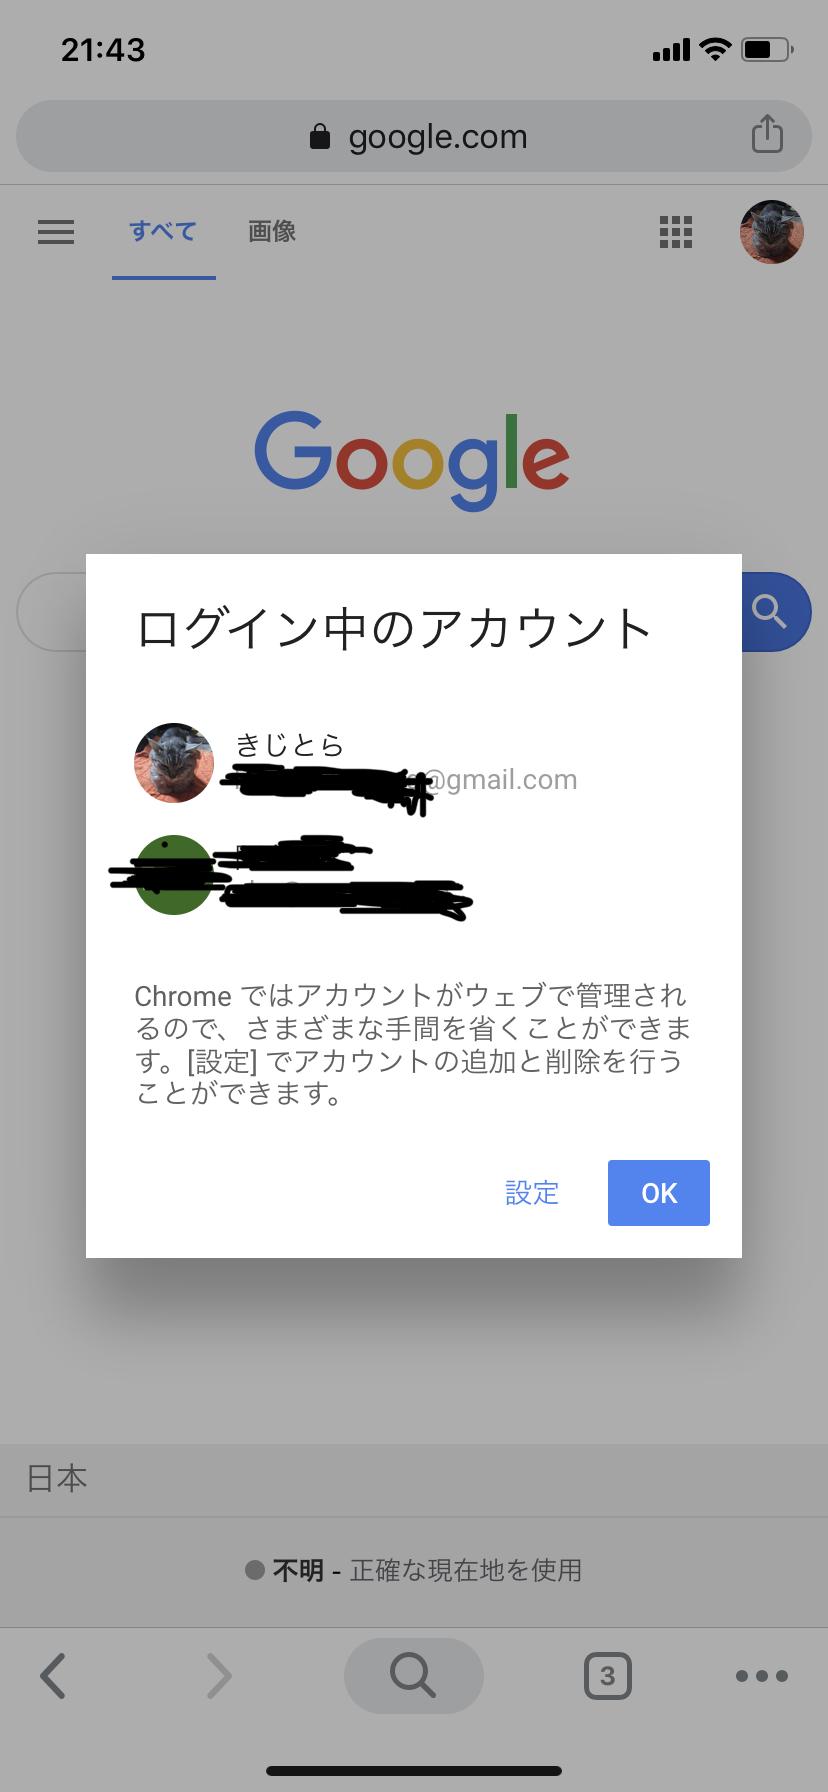 完了 ログイン ない ため まだ を で google google アプリ は 確認 が の 使用 し できません てい この